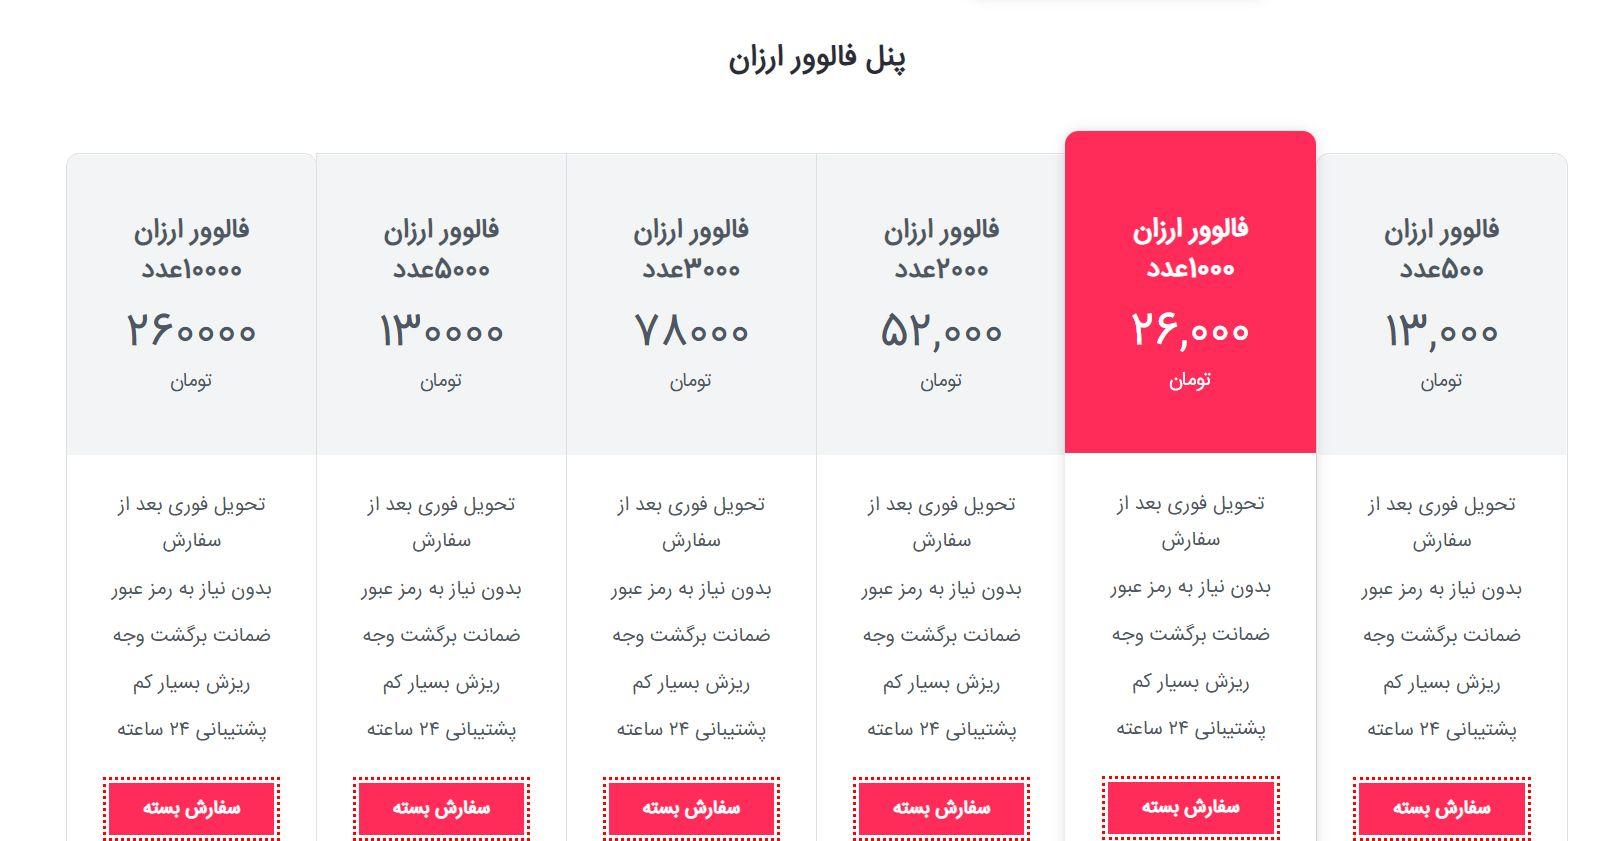 معرفی بهترین سایت خرید فالوور اینستاگرام ارزان قیمت